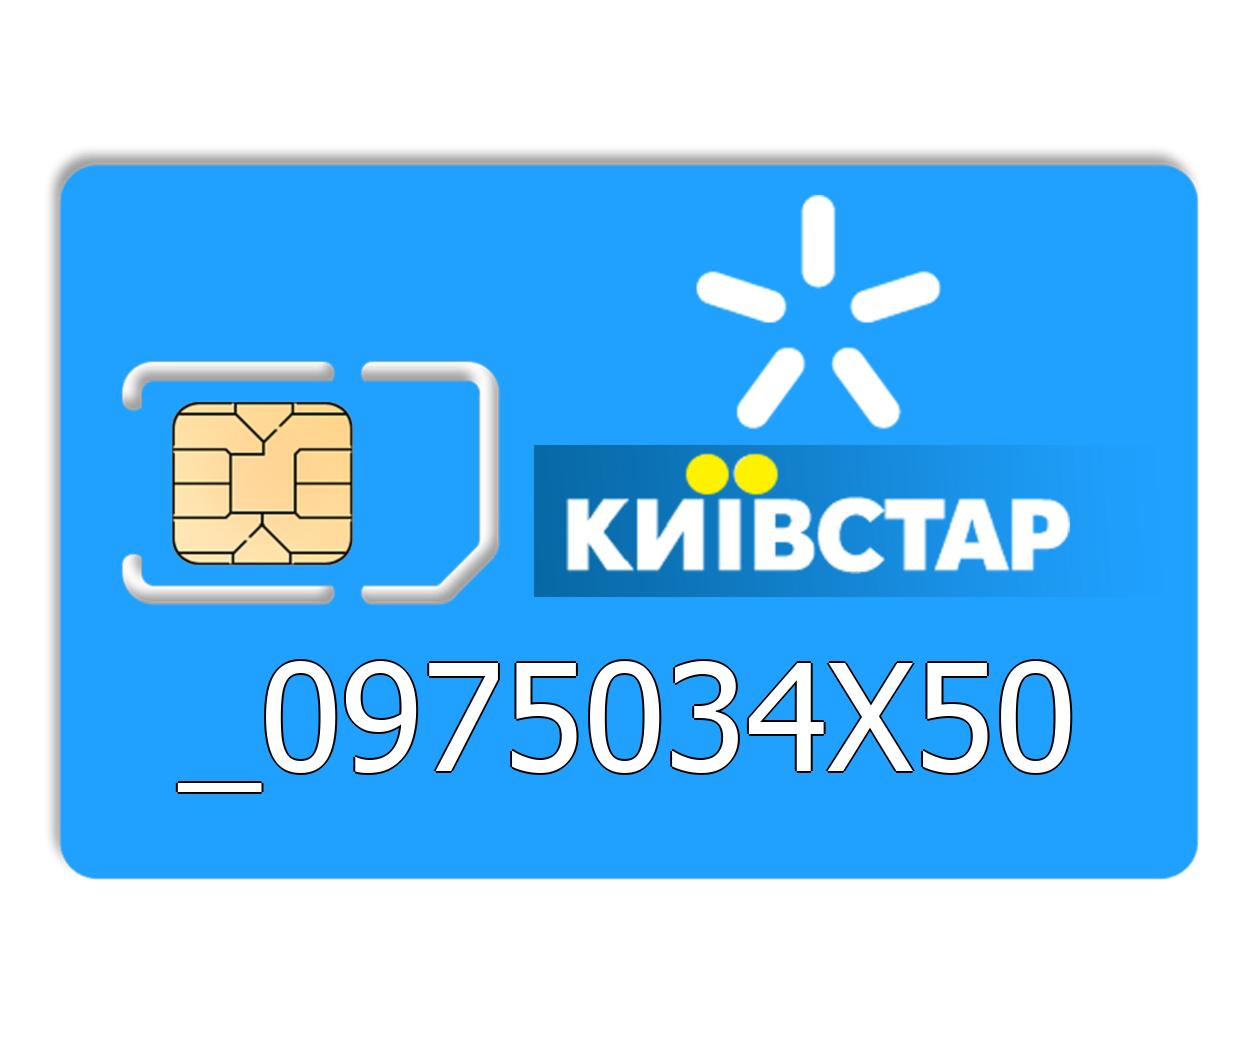 Красивый номер Киевстар 097-50-34X-50